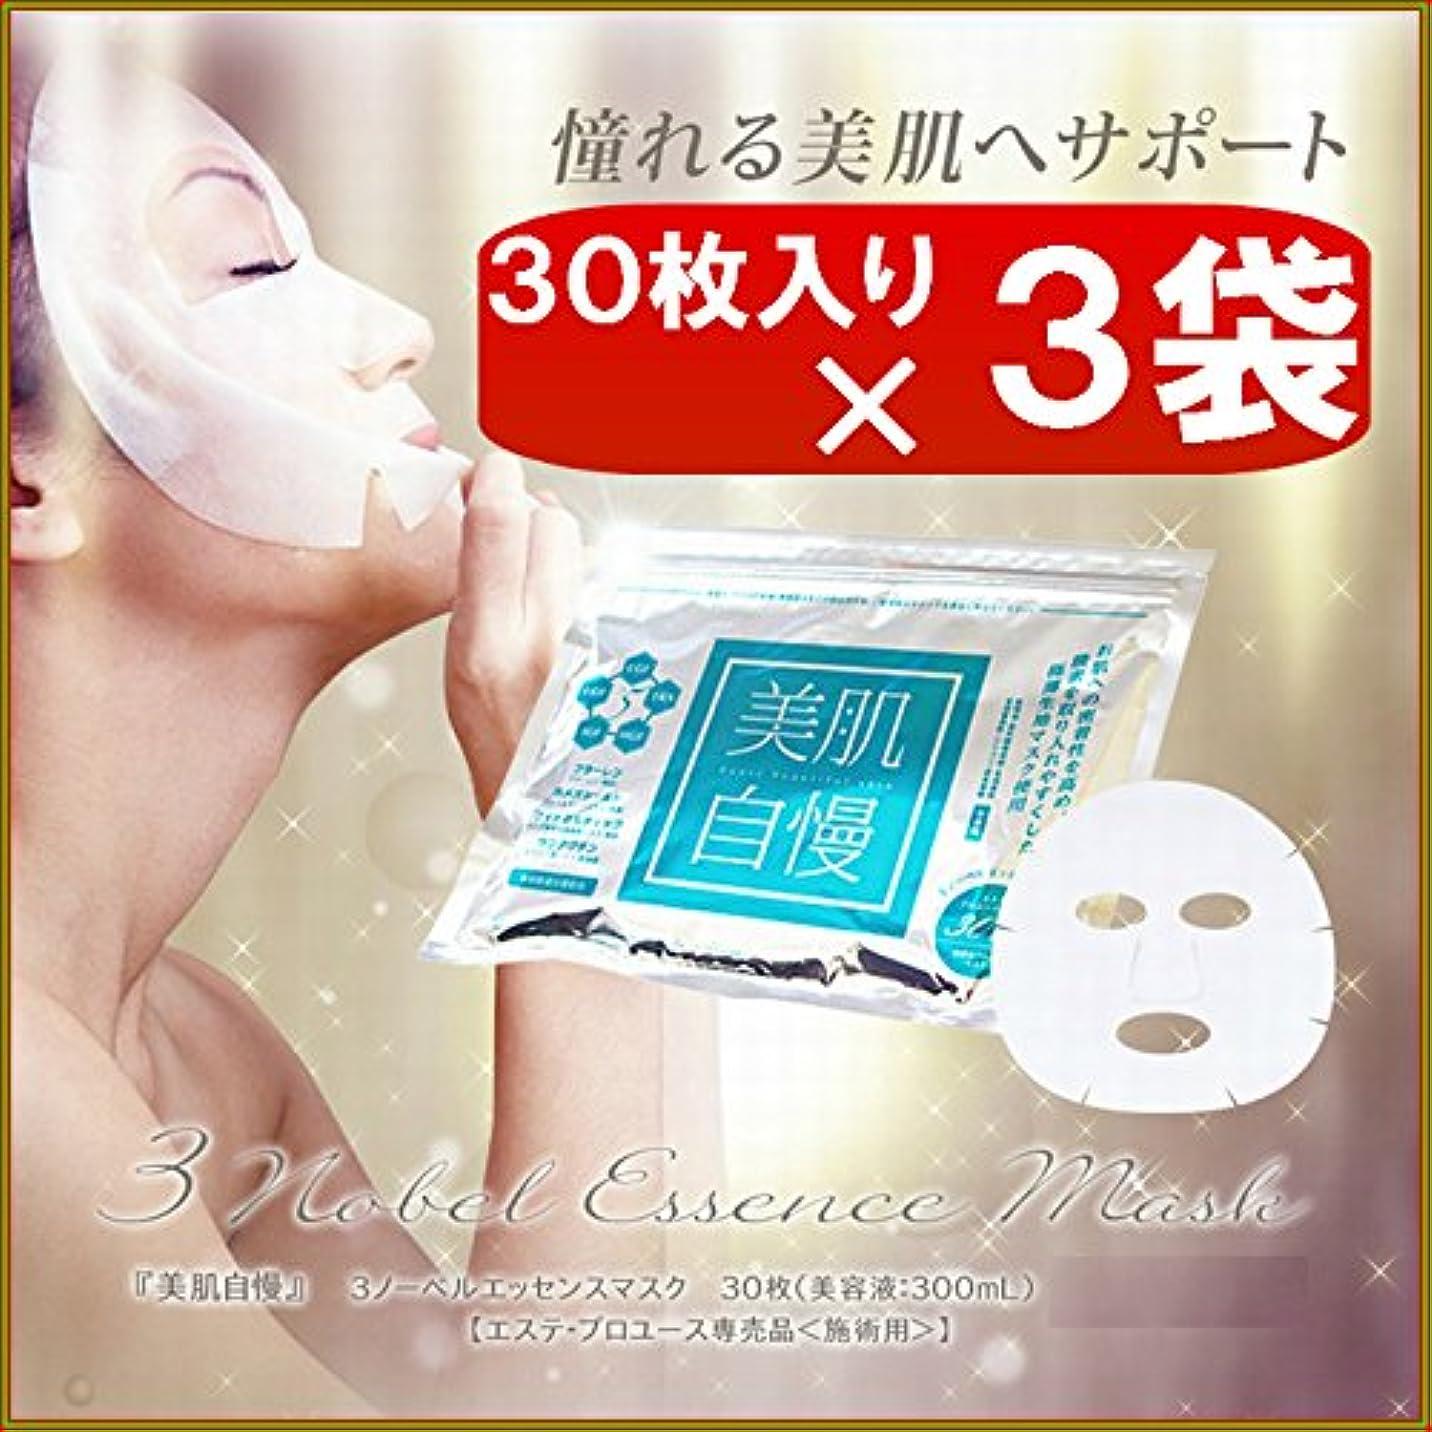 挨拶する信頼コイン美肌自慢フェイスマスク 30枚入り ×お得3袋セット 《エッセンスマスク、EGF、IGF、ヒアルロン酸、プラセンタ、アルブチン、カタツムリエキス、しみ、しわ》